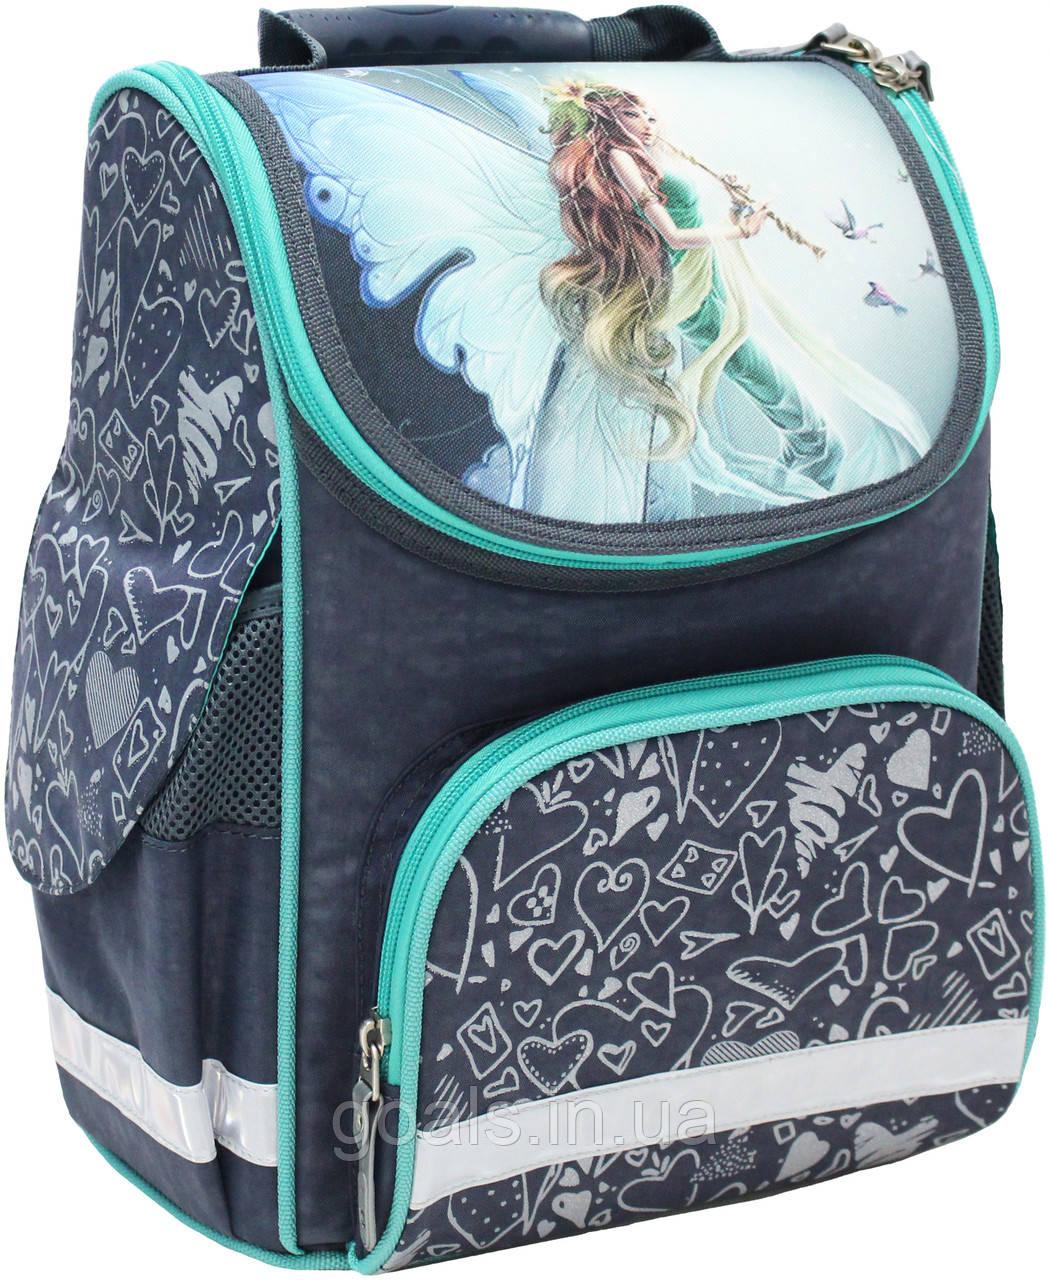 Рюкзак школьный каркасный Bagland Успех 12 л. 321 сірий 90 д (00551702)